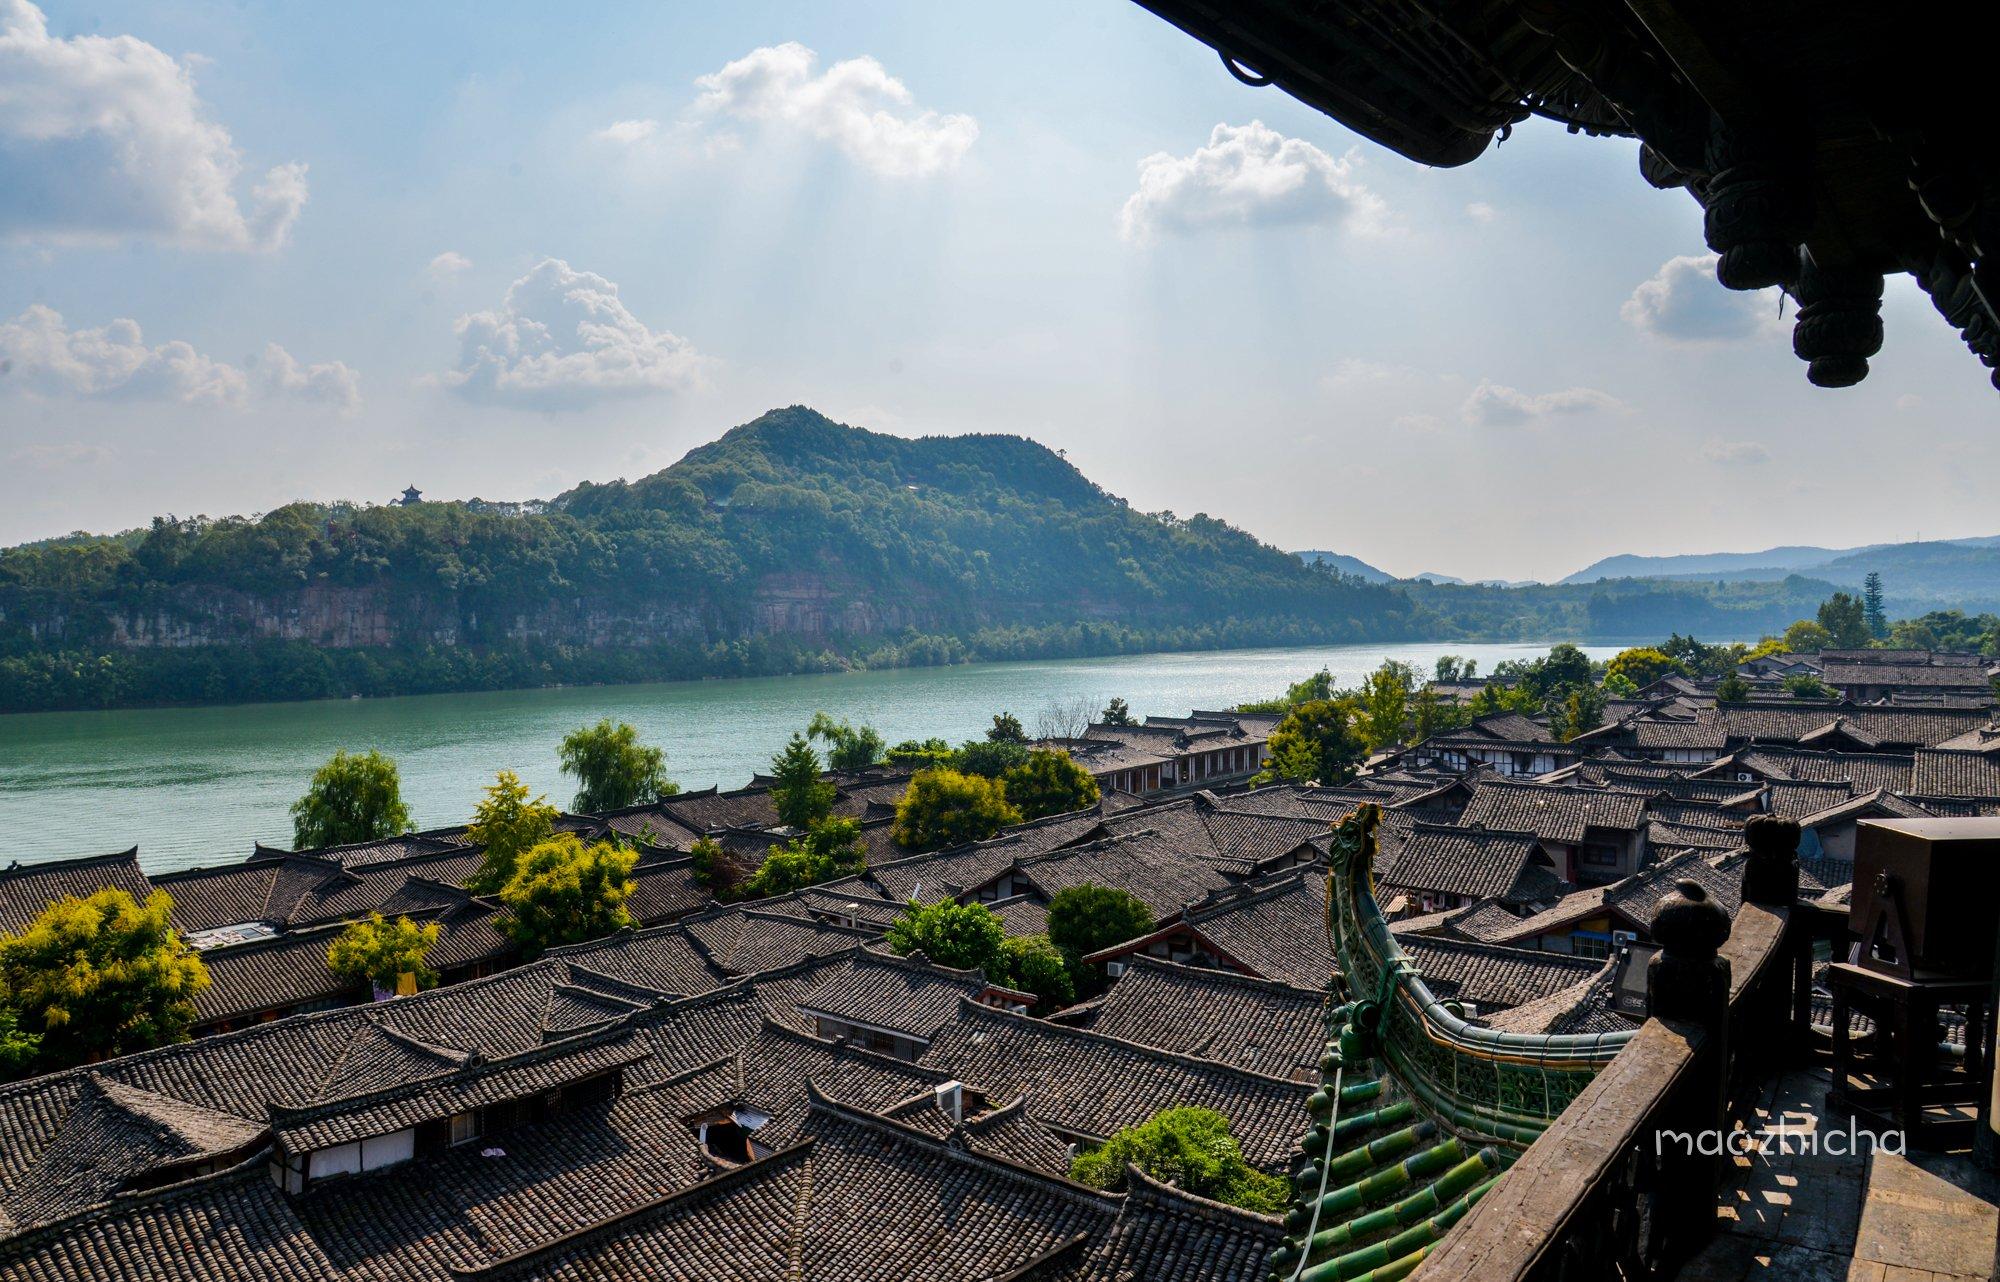 一日游遍阆中古城,带你梦回千年